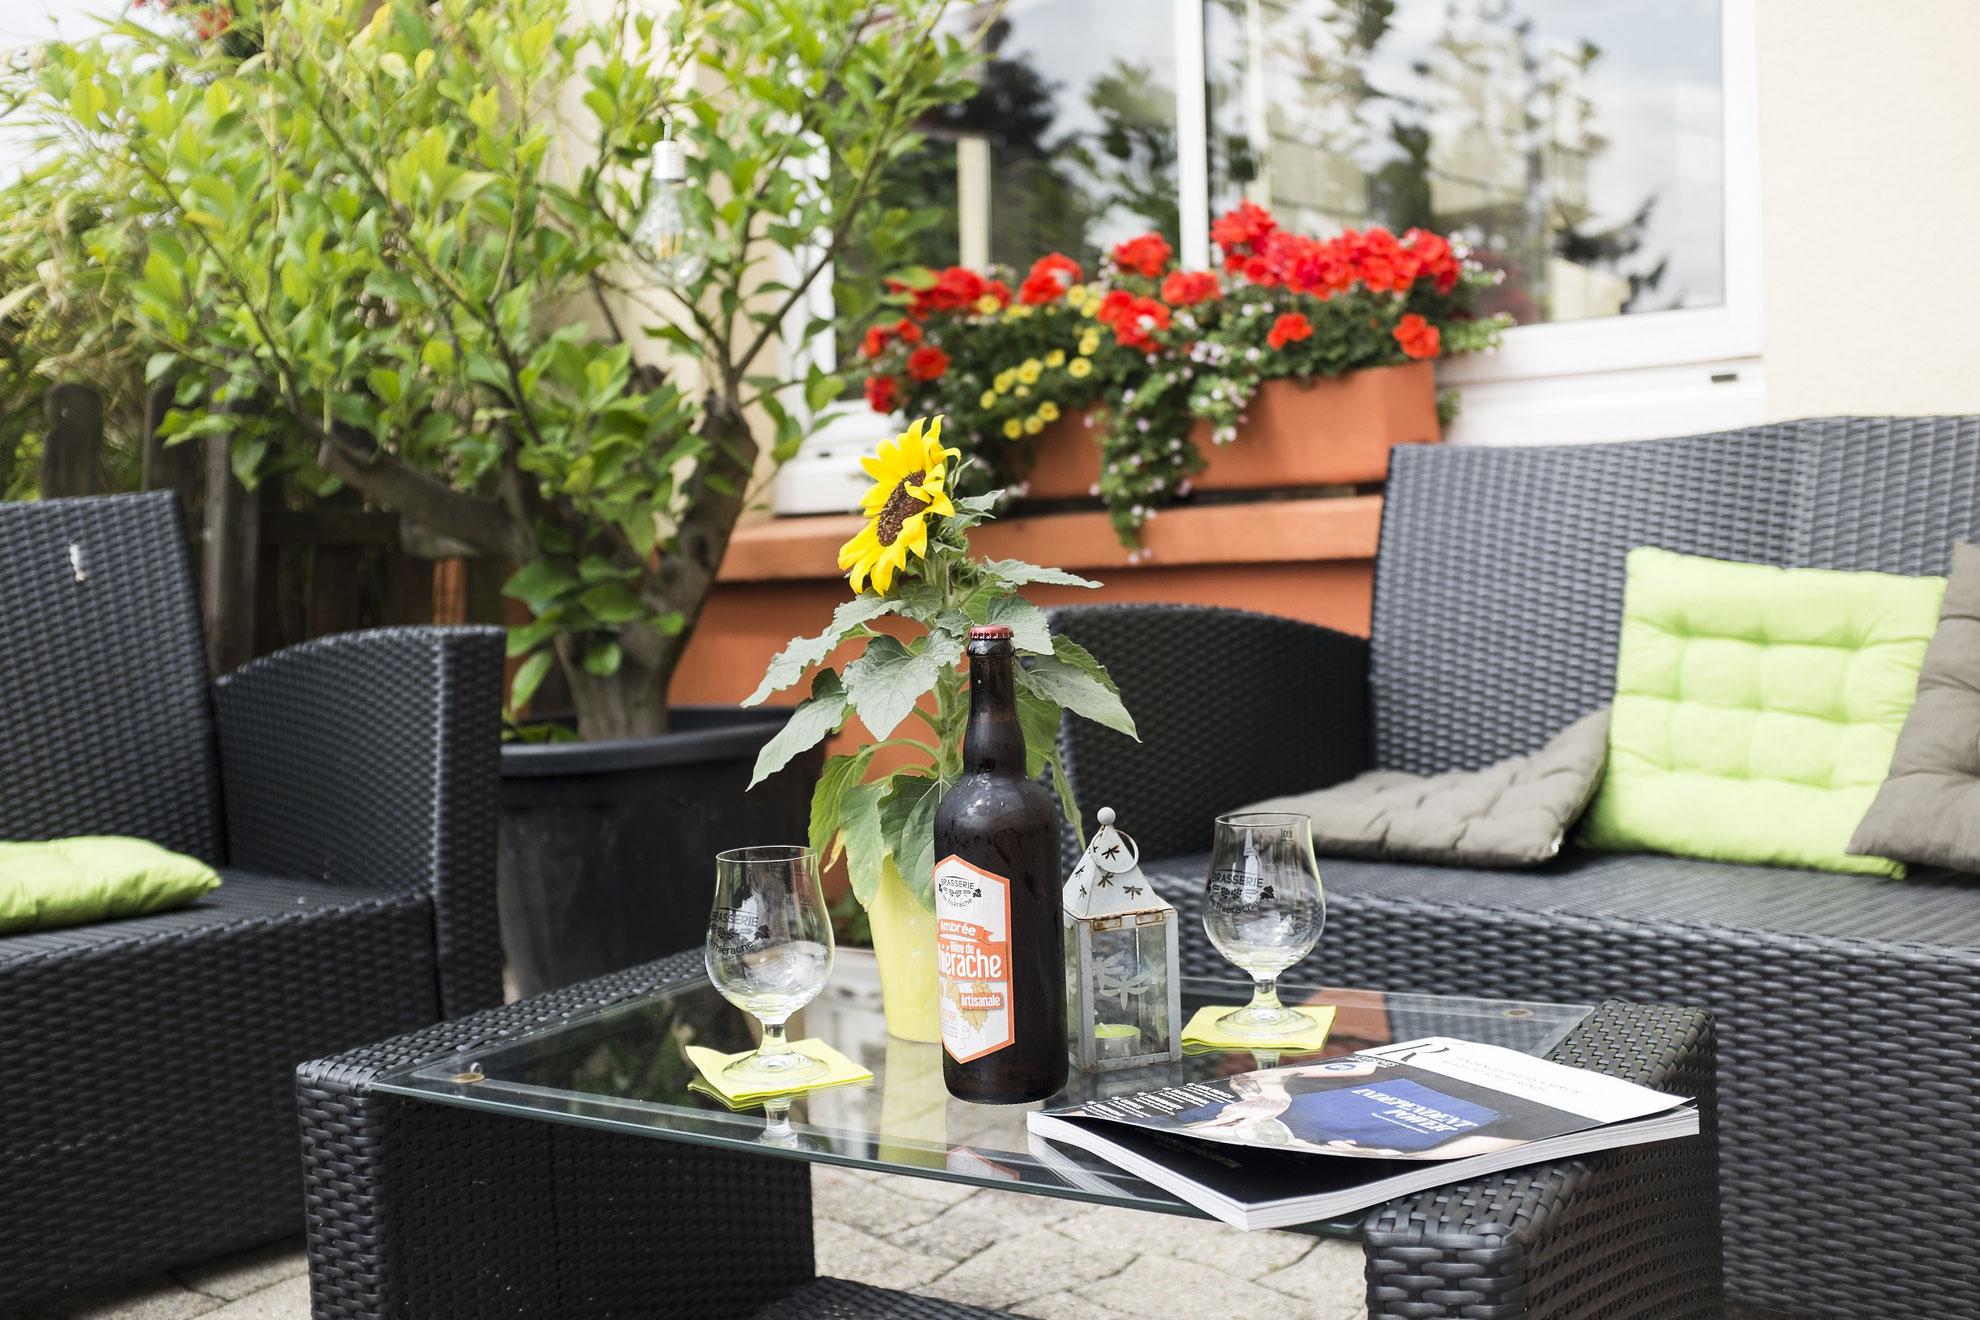 Plan du site hotel restaurant la paix 02170 for Restaurant le jardin 02